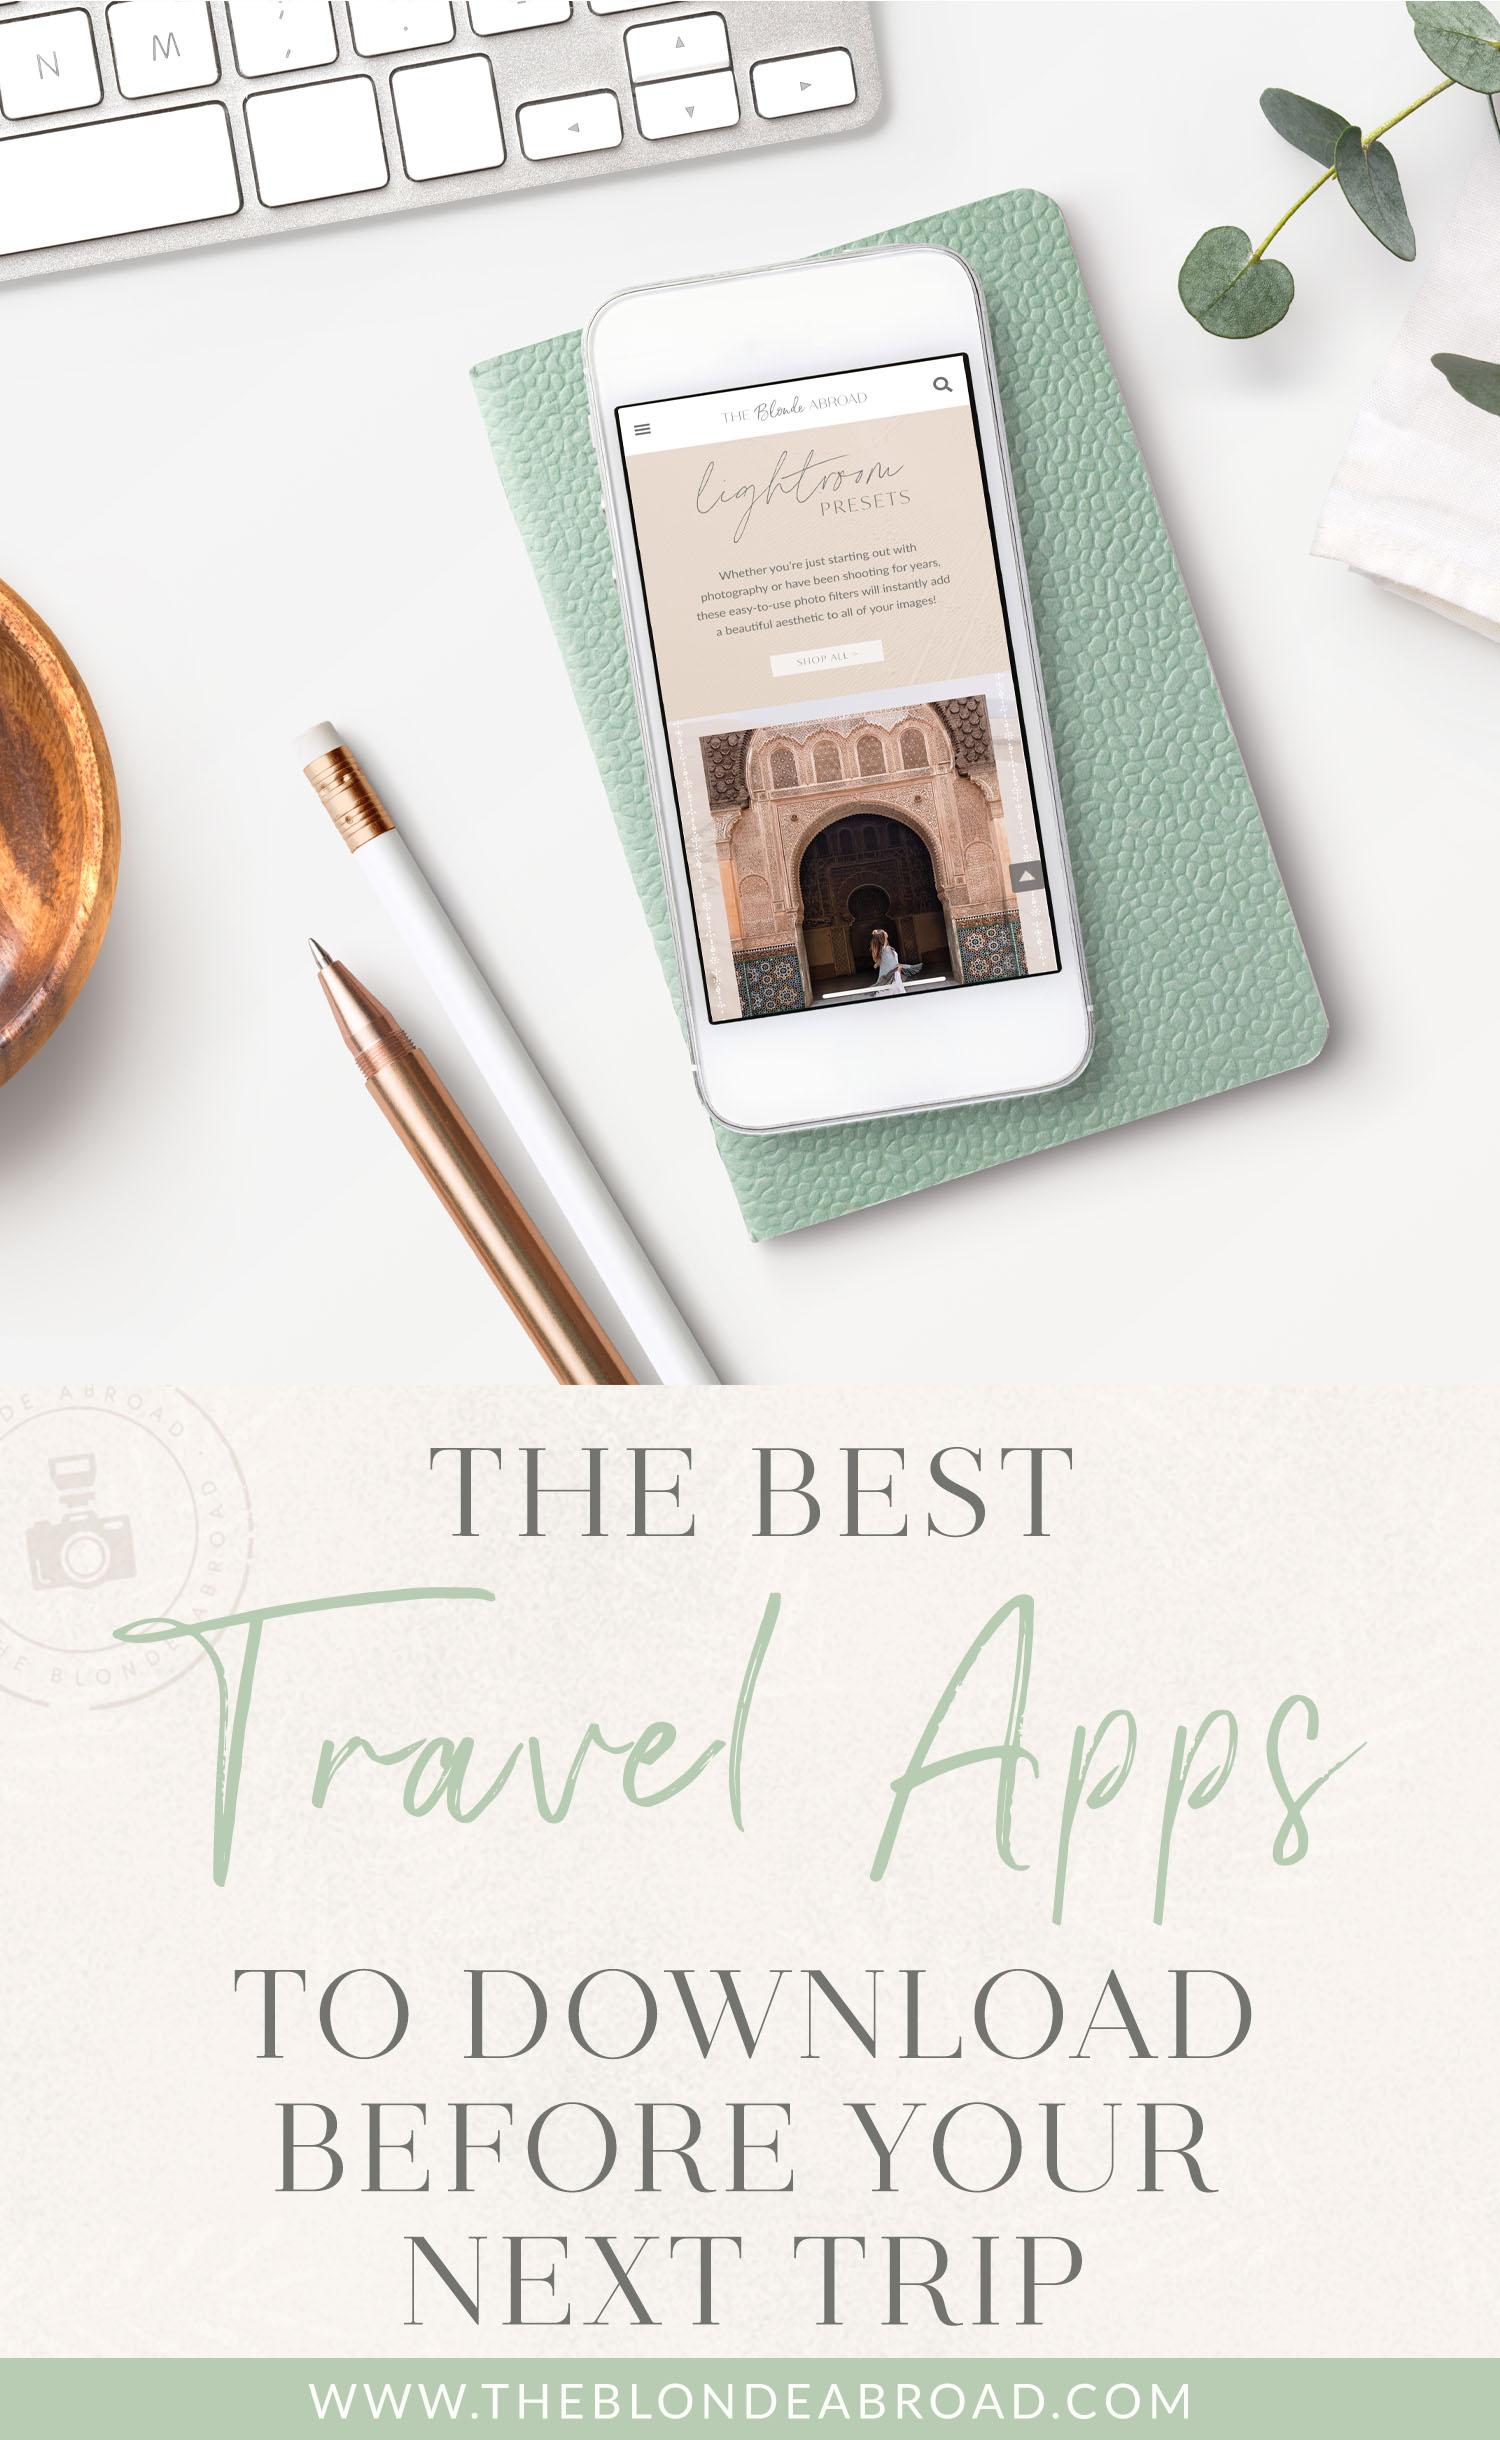 Best Travel Apps Next Trip